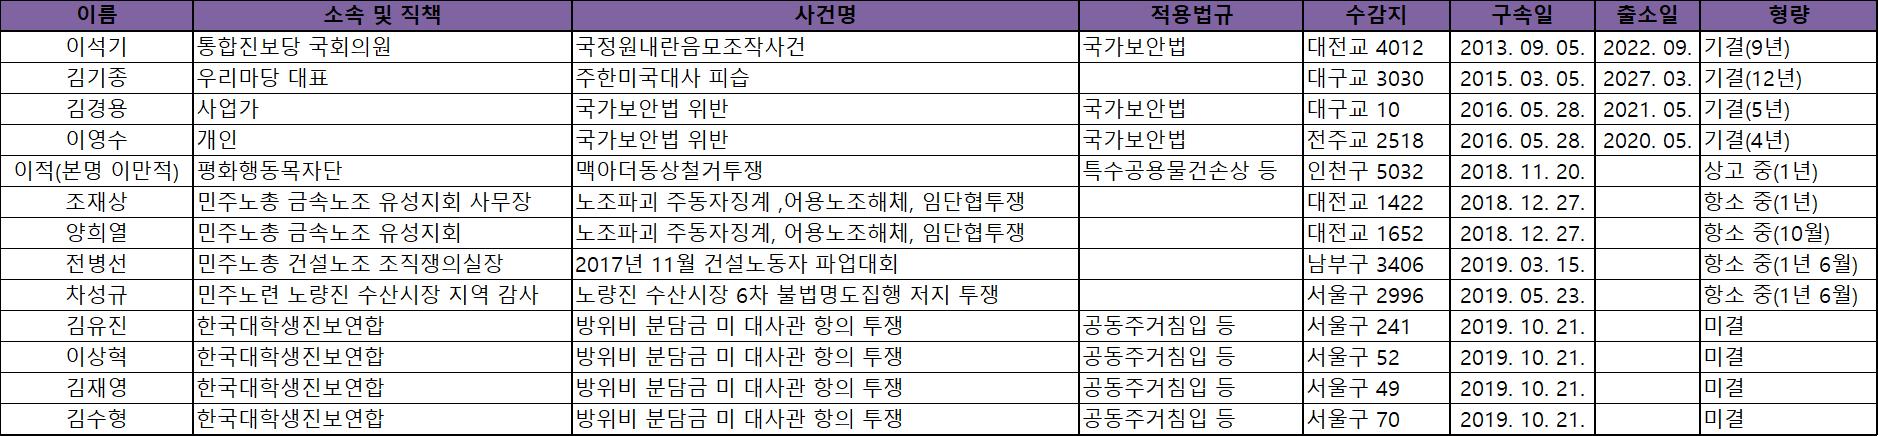 양심수 현황(10월).png